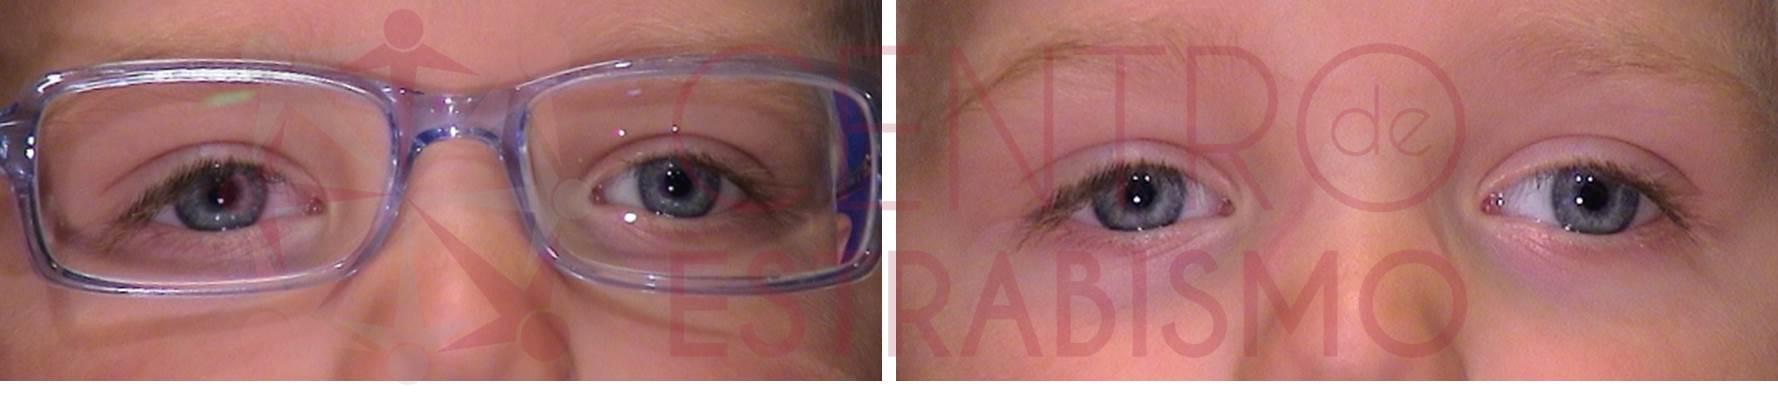 Niño con mayor miopía en ojo izquierdo que en derecho (se nota porque la lente del ojo izquierdo disminuye más el tamaño de la imagen), cuando no lleva el defecto óptico corregido aparece la desviación